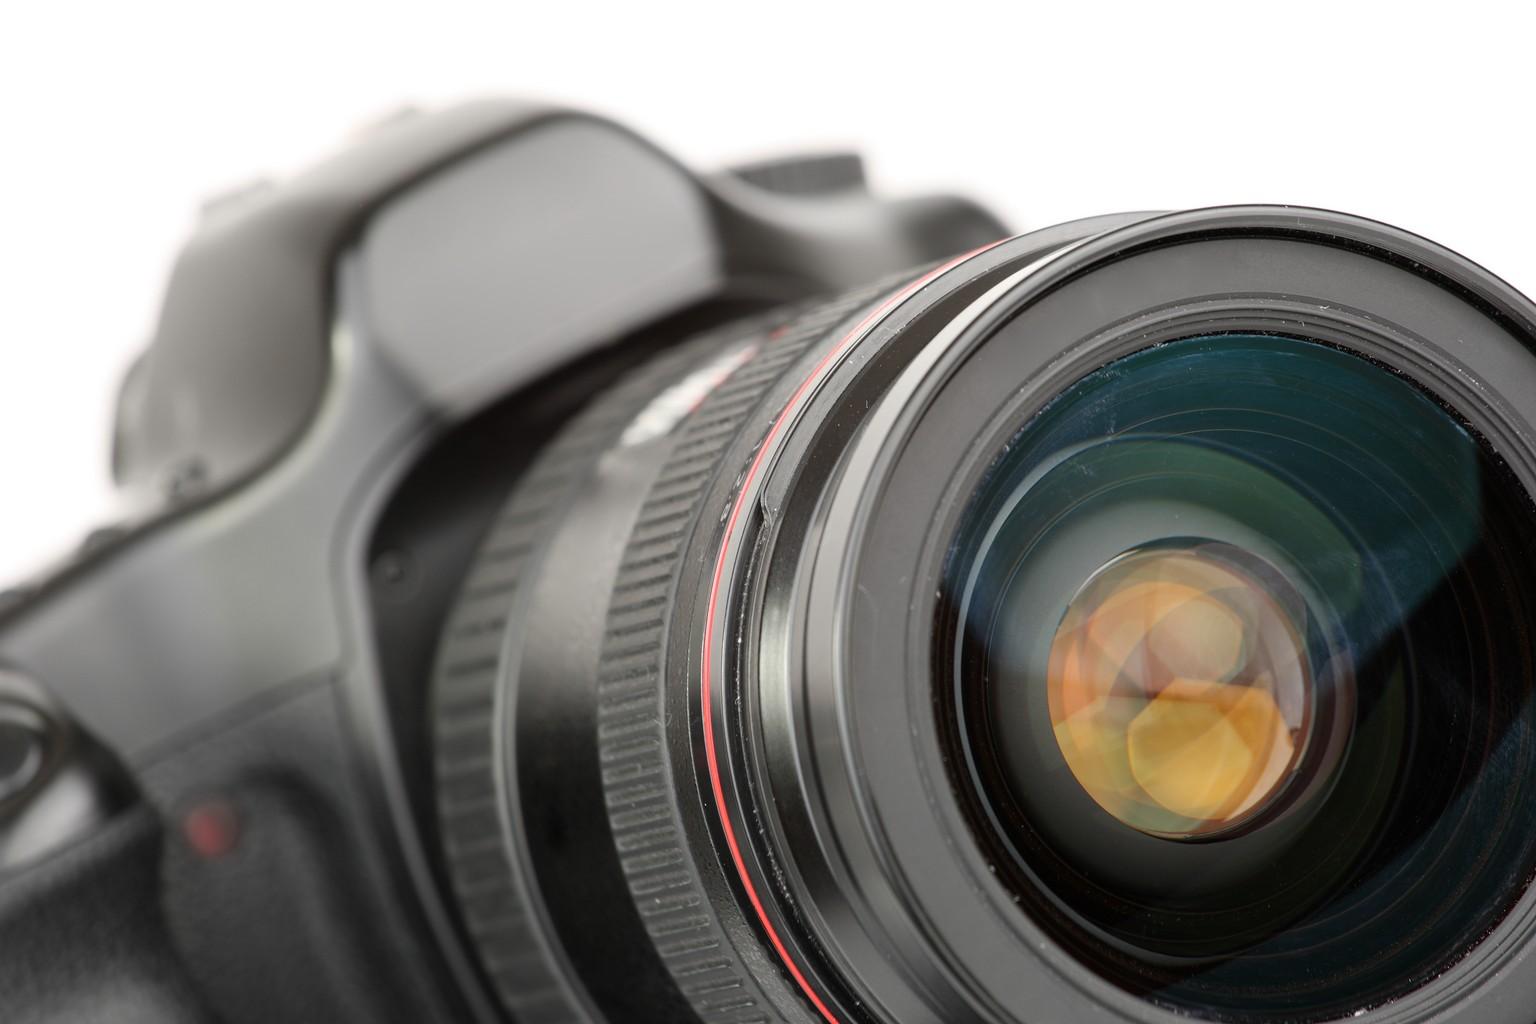 Devenir photographe : Apprendre le métier